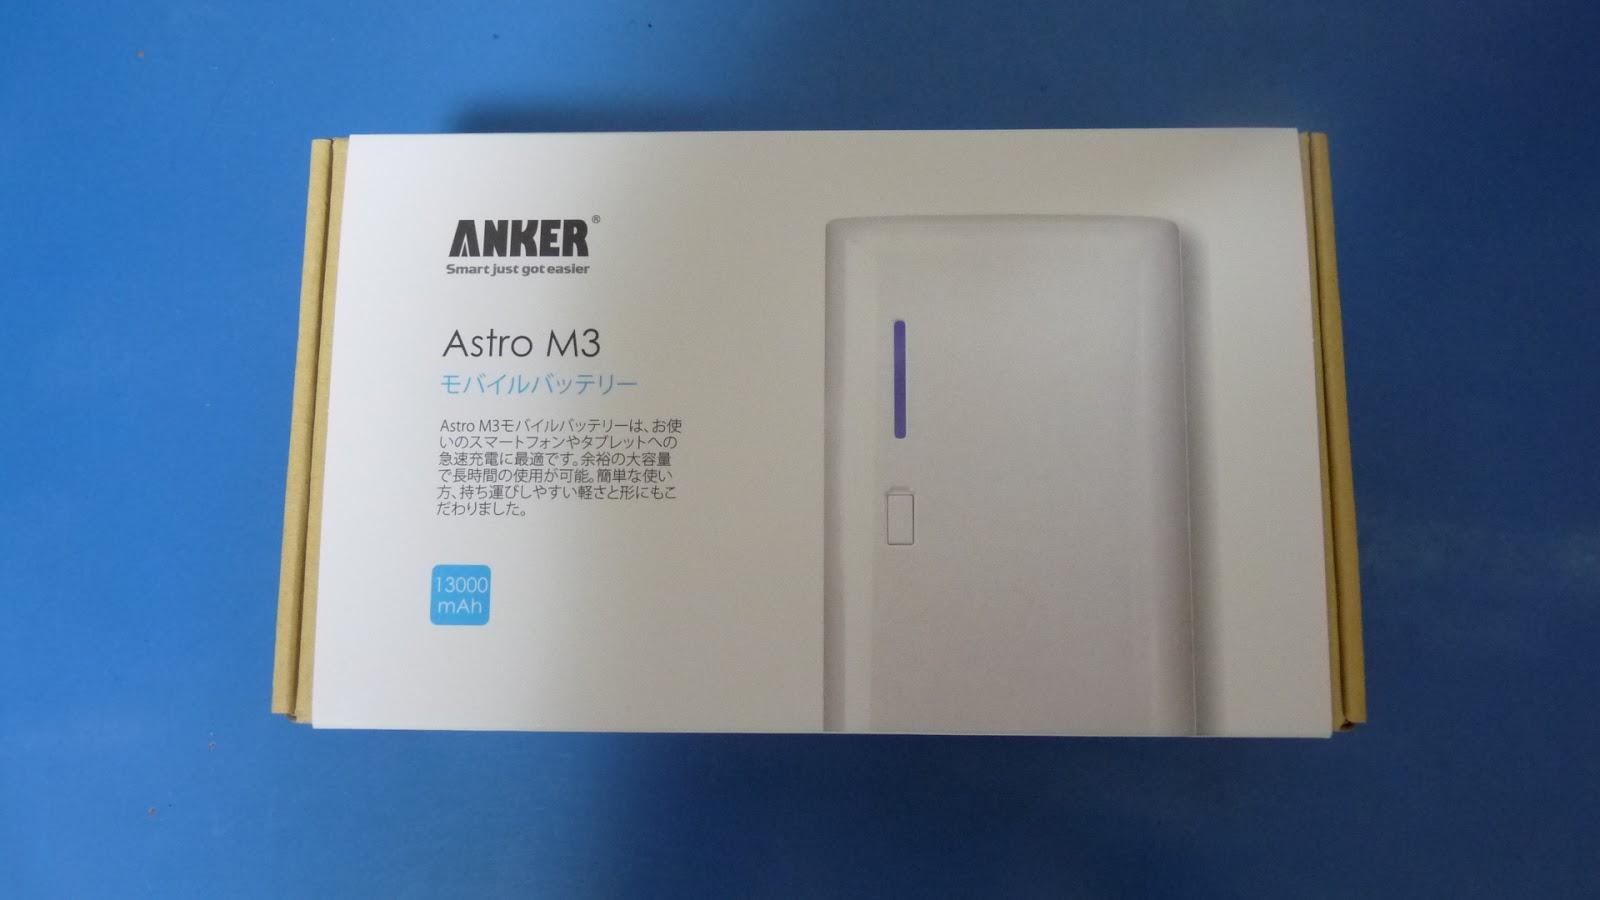 iPhoneを5回充電できるANKER Astro M3 モバイルバッテリーを購入しました